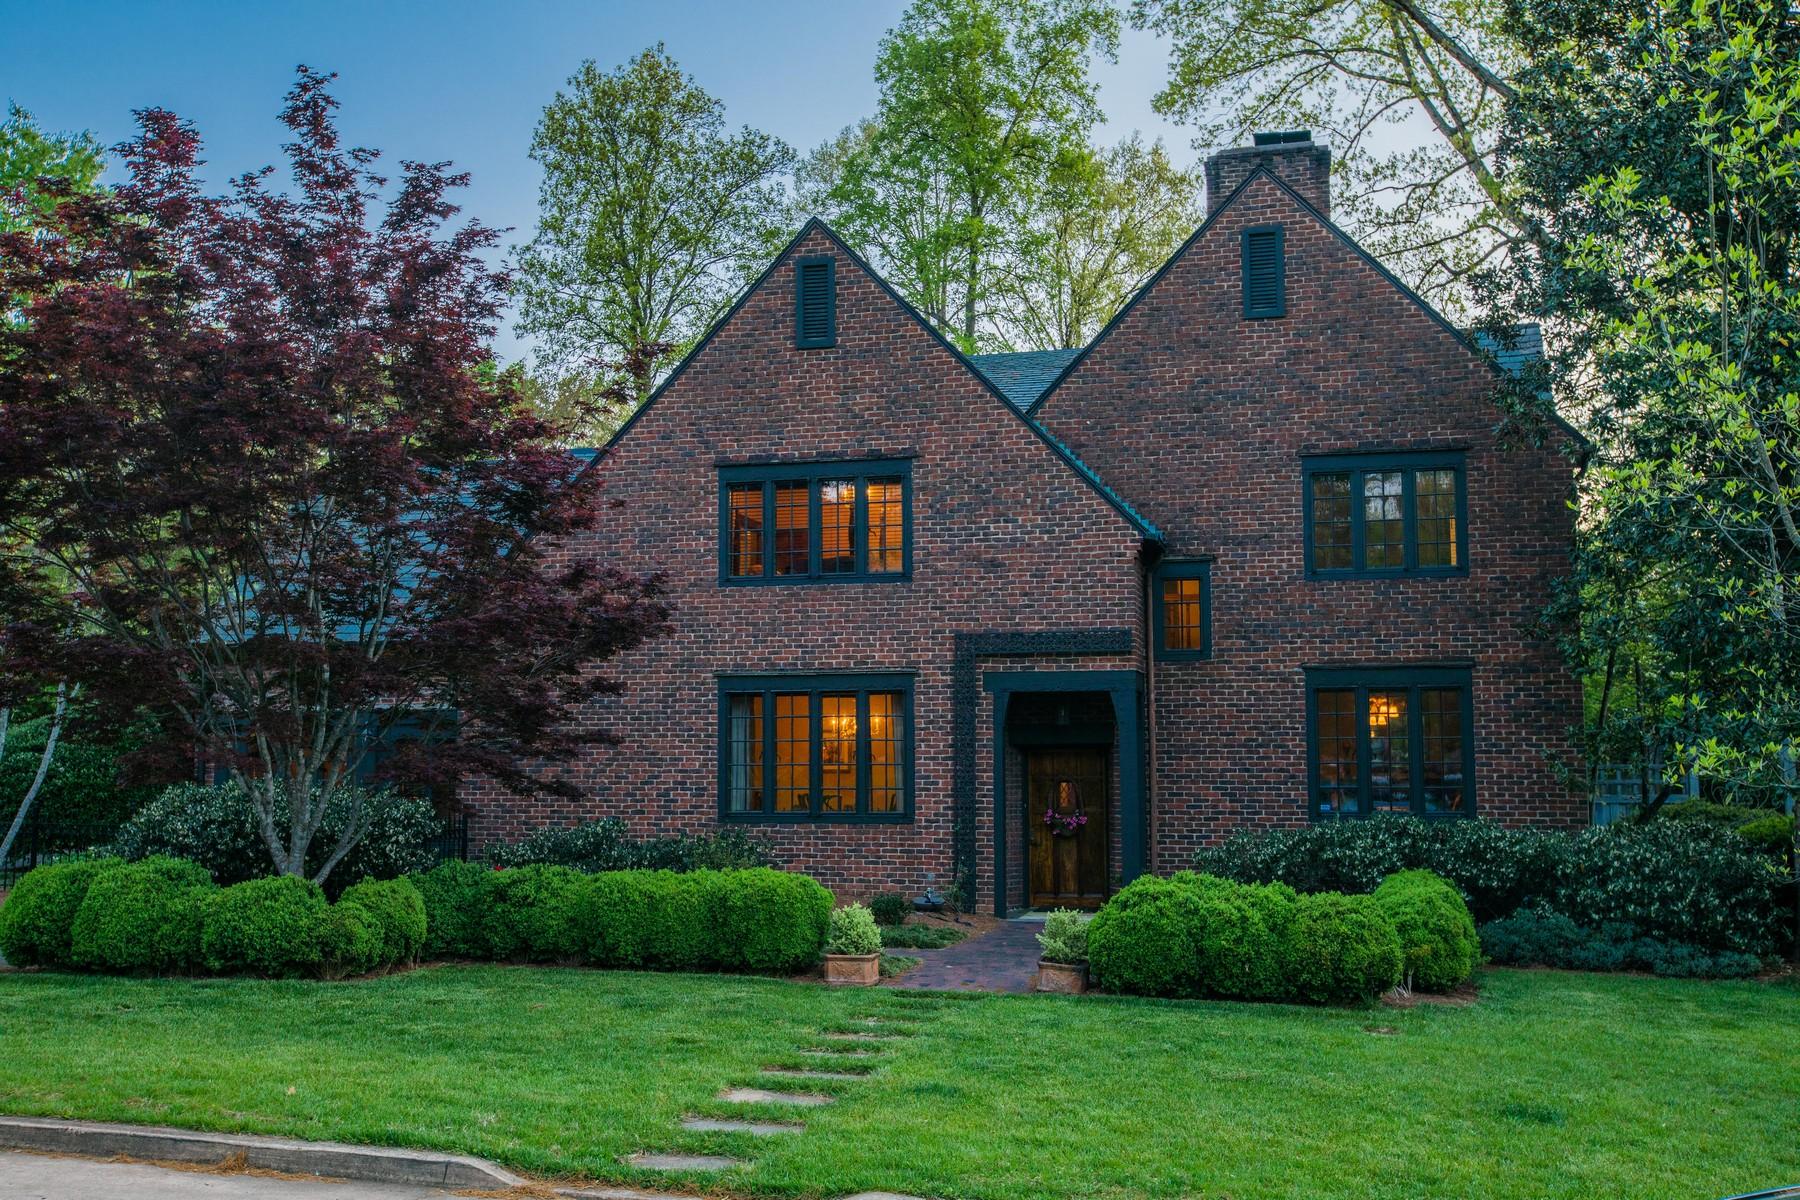 Single Family Homes pour l Vente à Elegant Tudor Home In Sequoyah Hills 3711 Westerwood Drive, Knoxville, Tennessee 37919 États-Unis